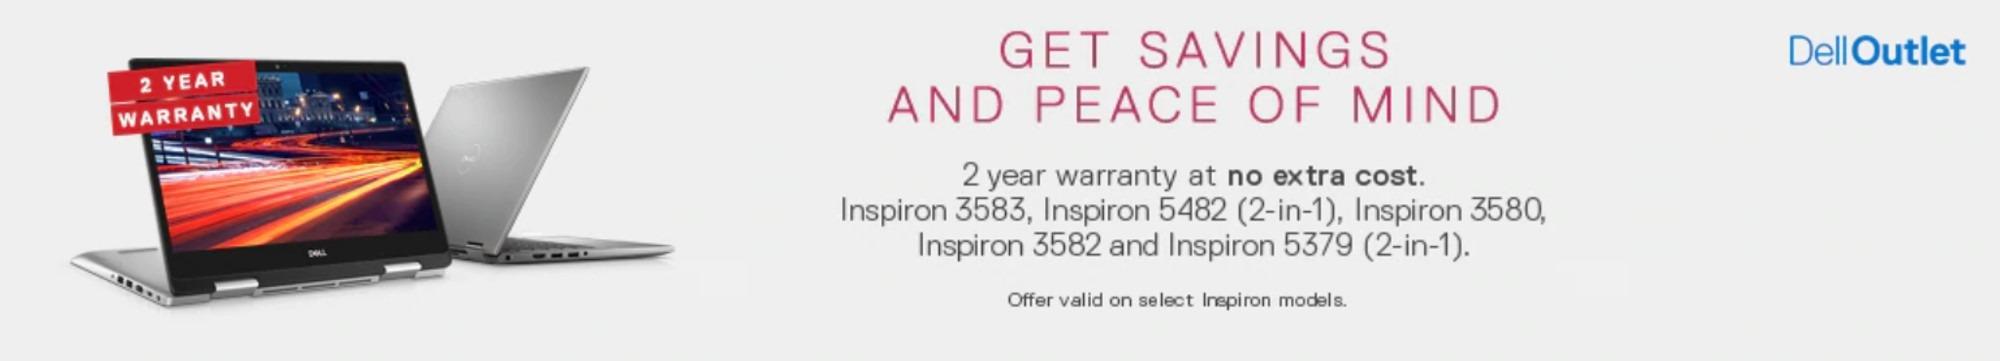 4206-home-laptop-inspiron-14-5482-13-5379-no-cta-1138x205-nz-new.jpg